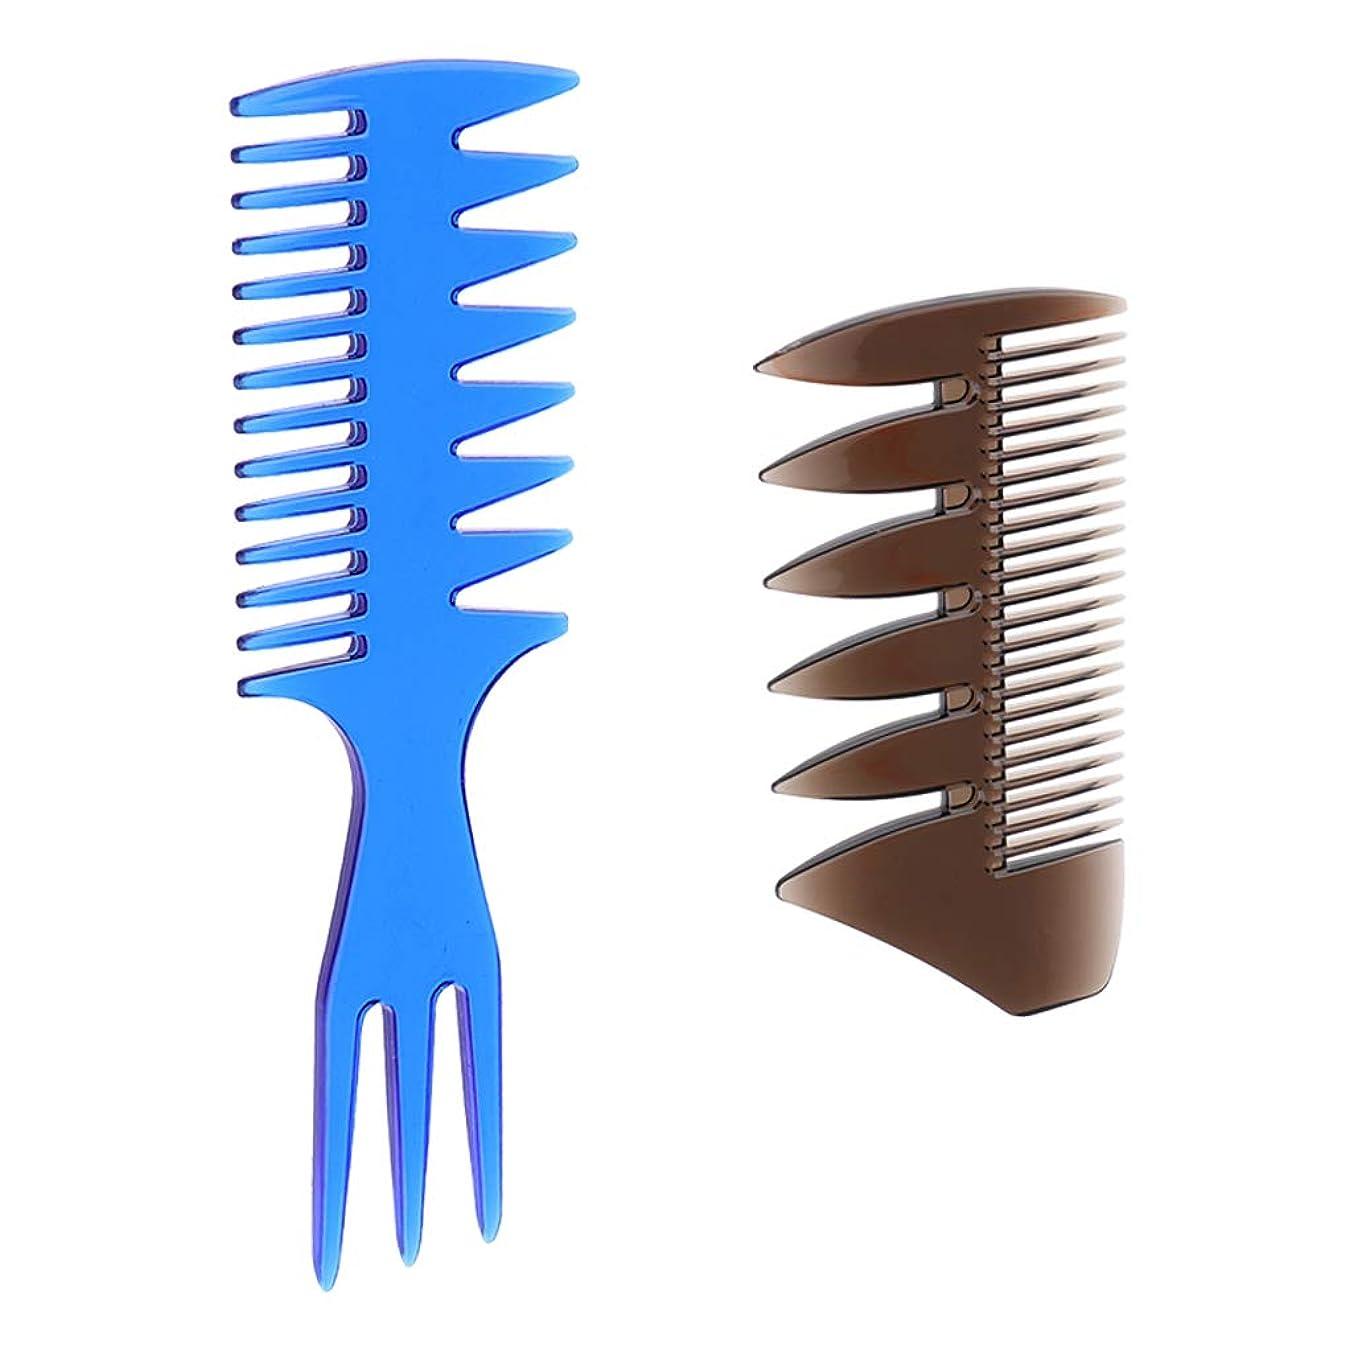 ニコチン描く反動gazechimp 3-in-1櫛 2-in-1櫛 ヘアサロン 髪の櫛 静電気防止櫛 2個